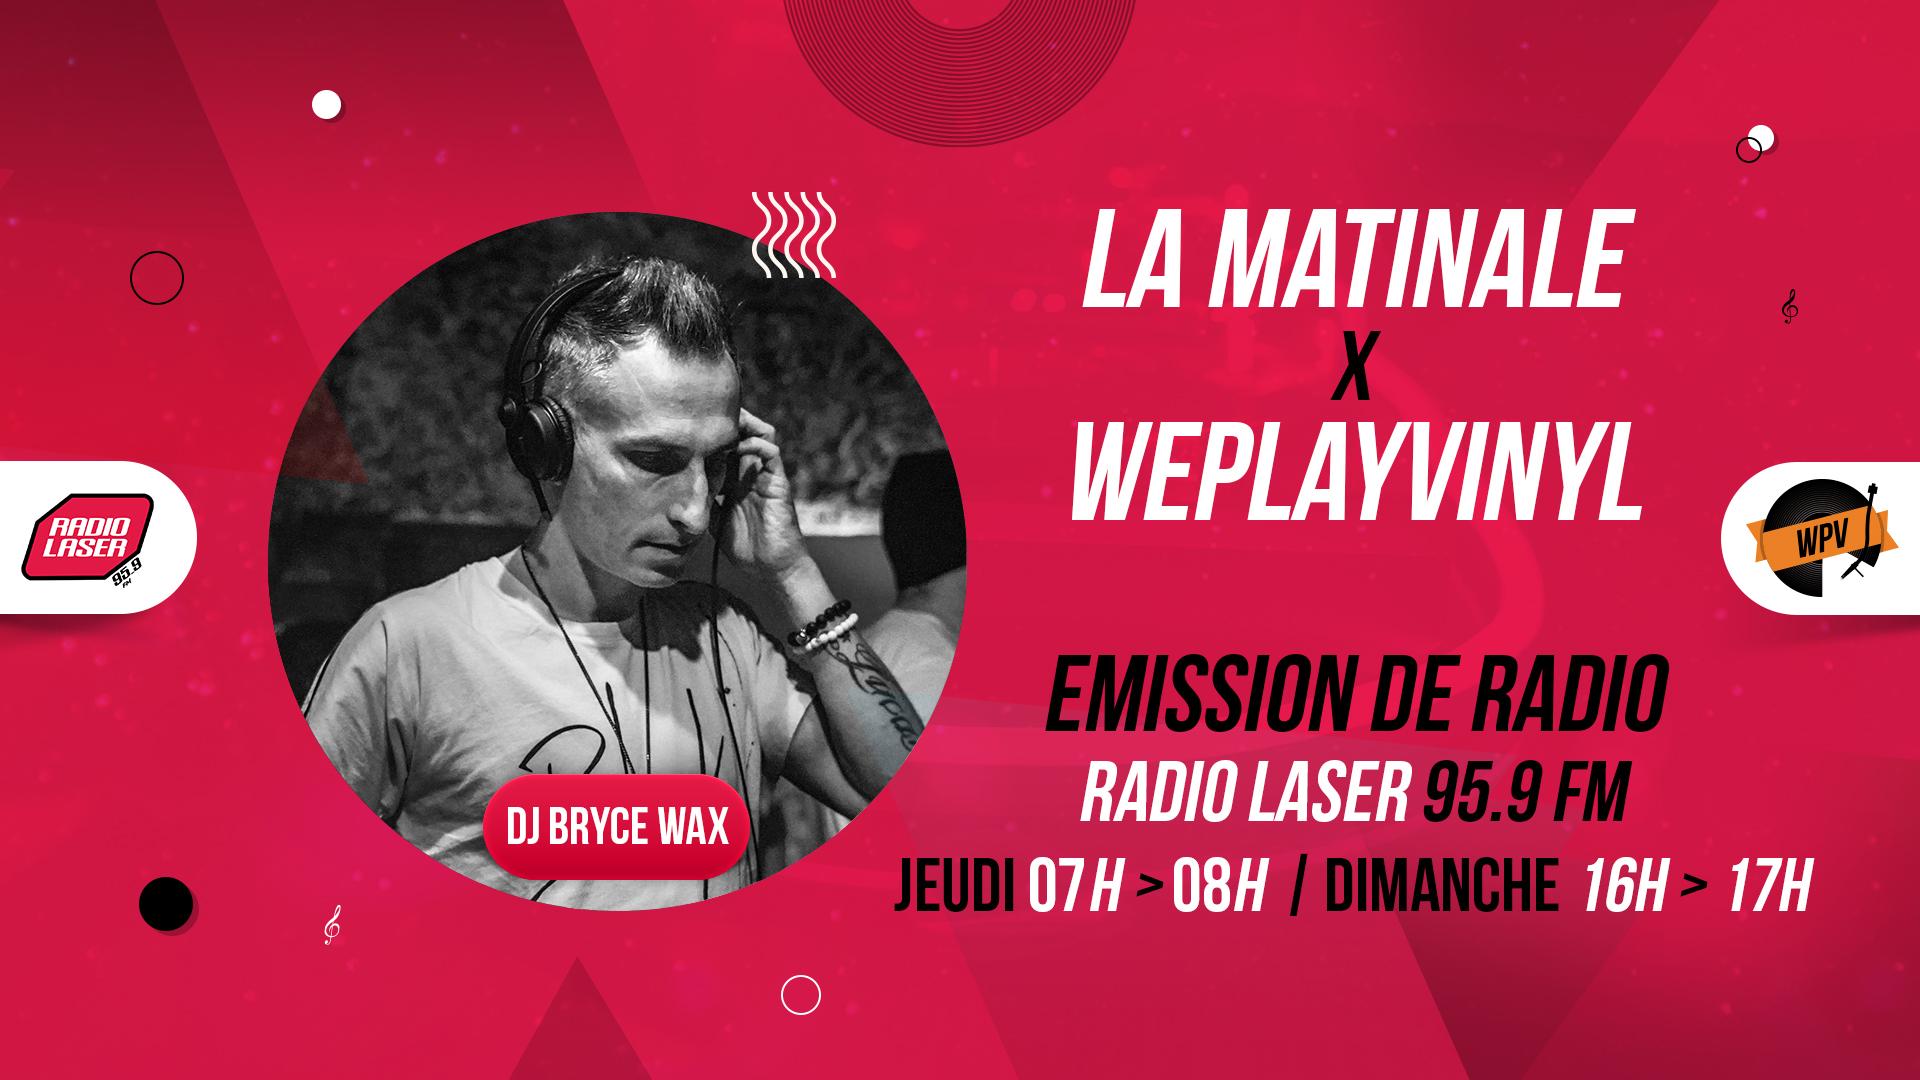 Header de La matinale - Emission de radio - Bryce Wax - Radio laser